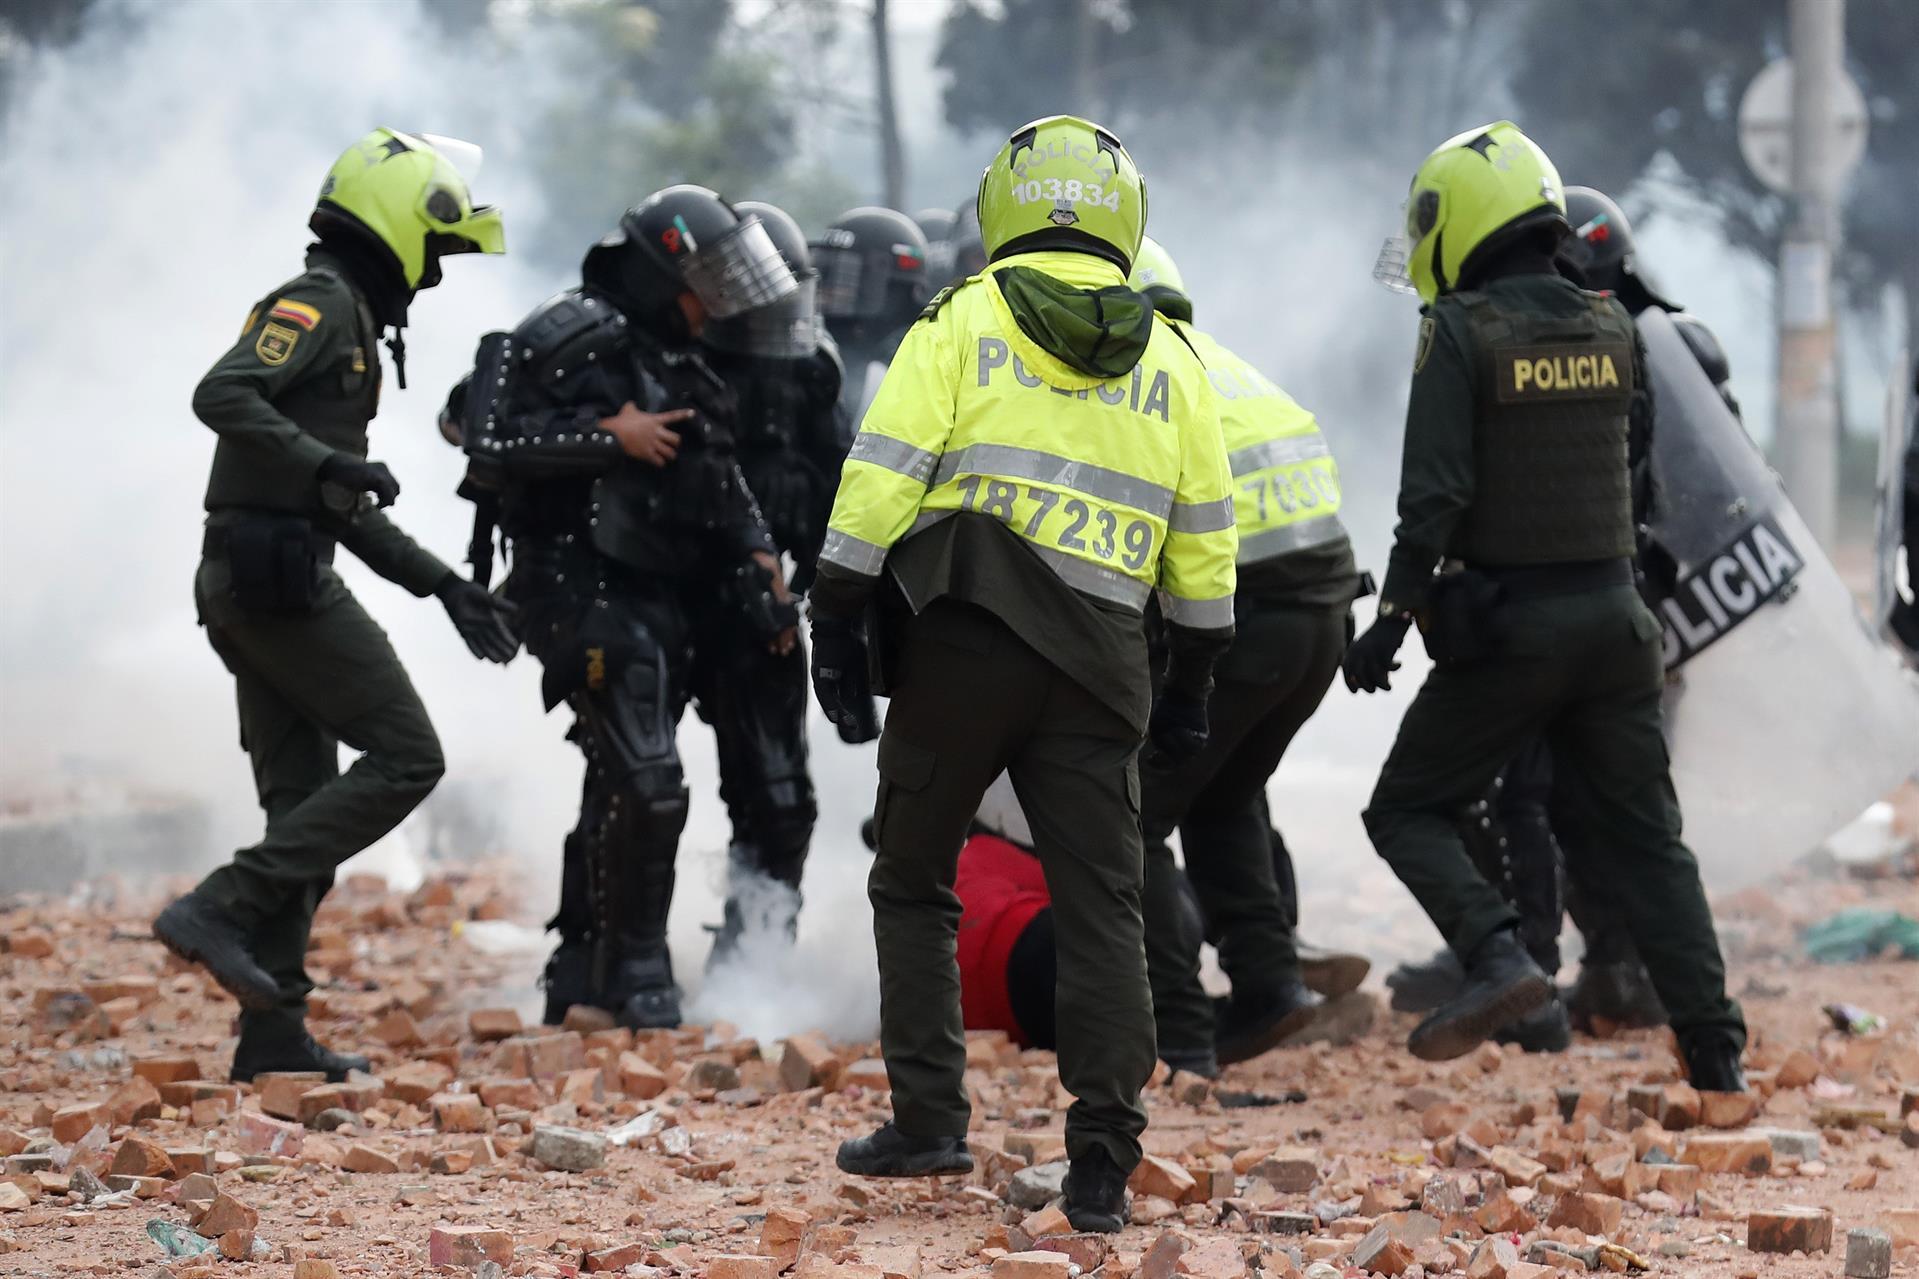 Abusos policiales en Colombia obedecen a fallas estructurales, no a hechos  aislados: HRW